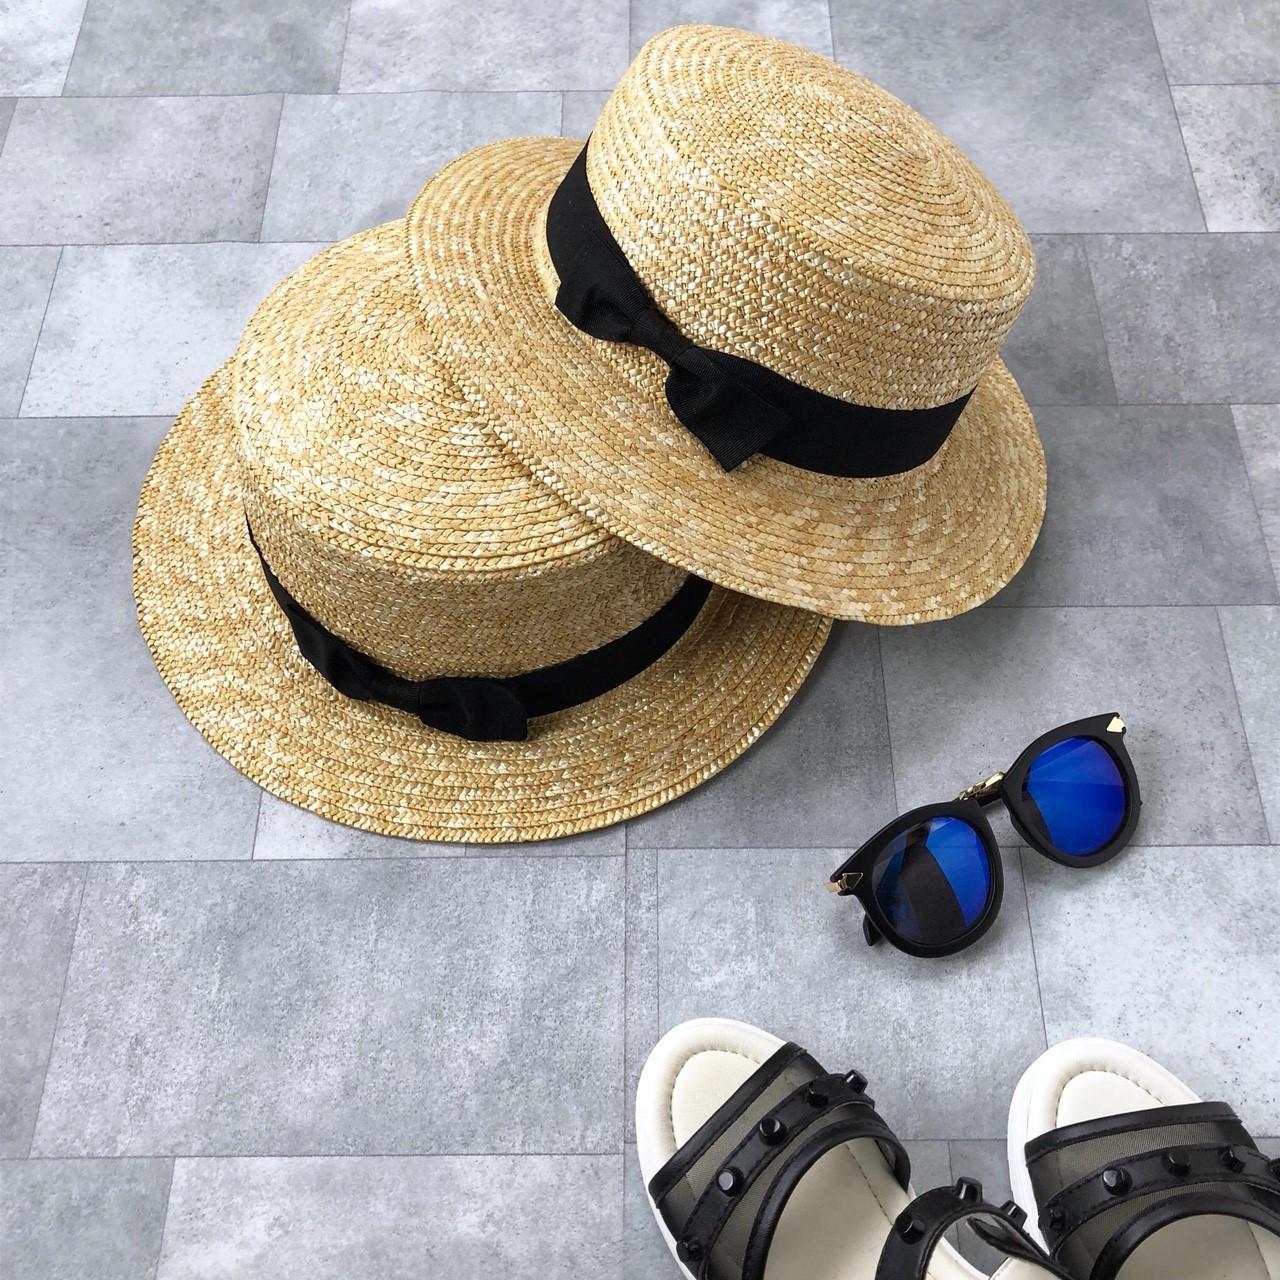 カンカン帽(黒リボン)no.805013